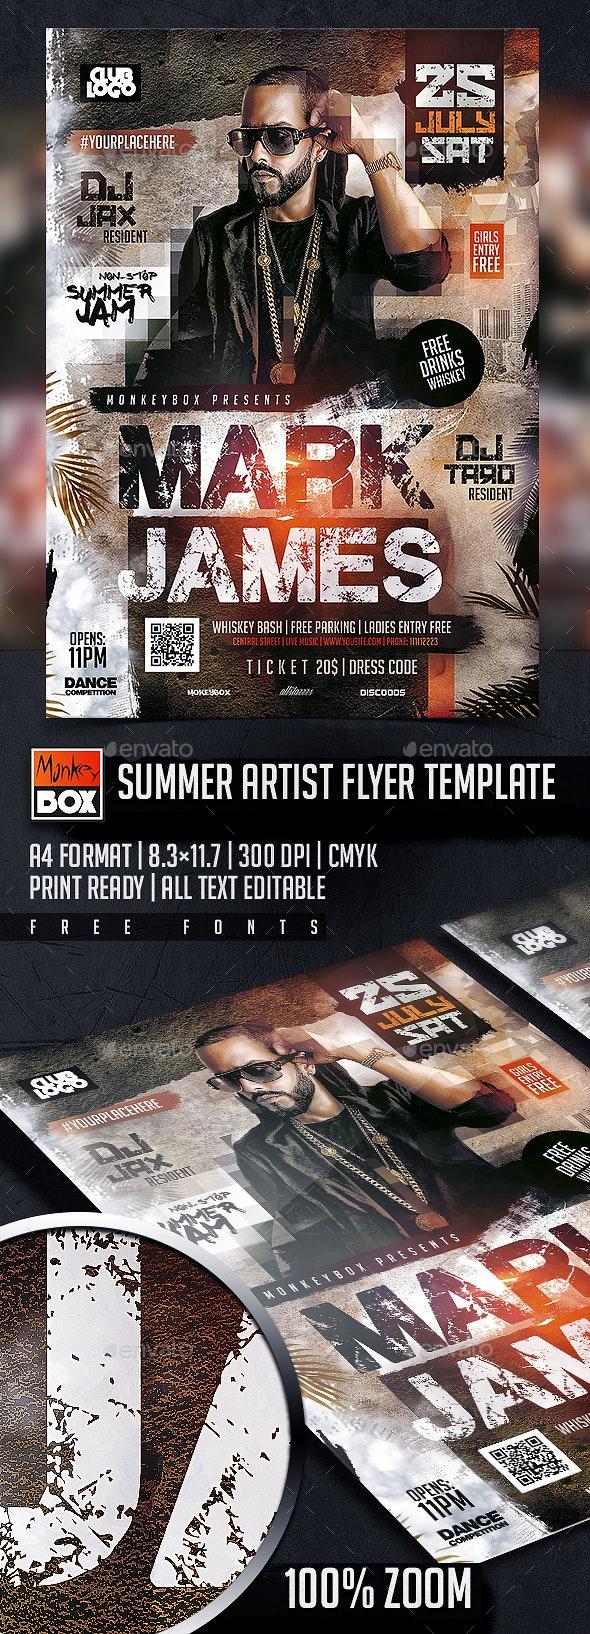 Summer Artist Flyer Template - Flyers Print Templates